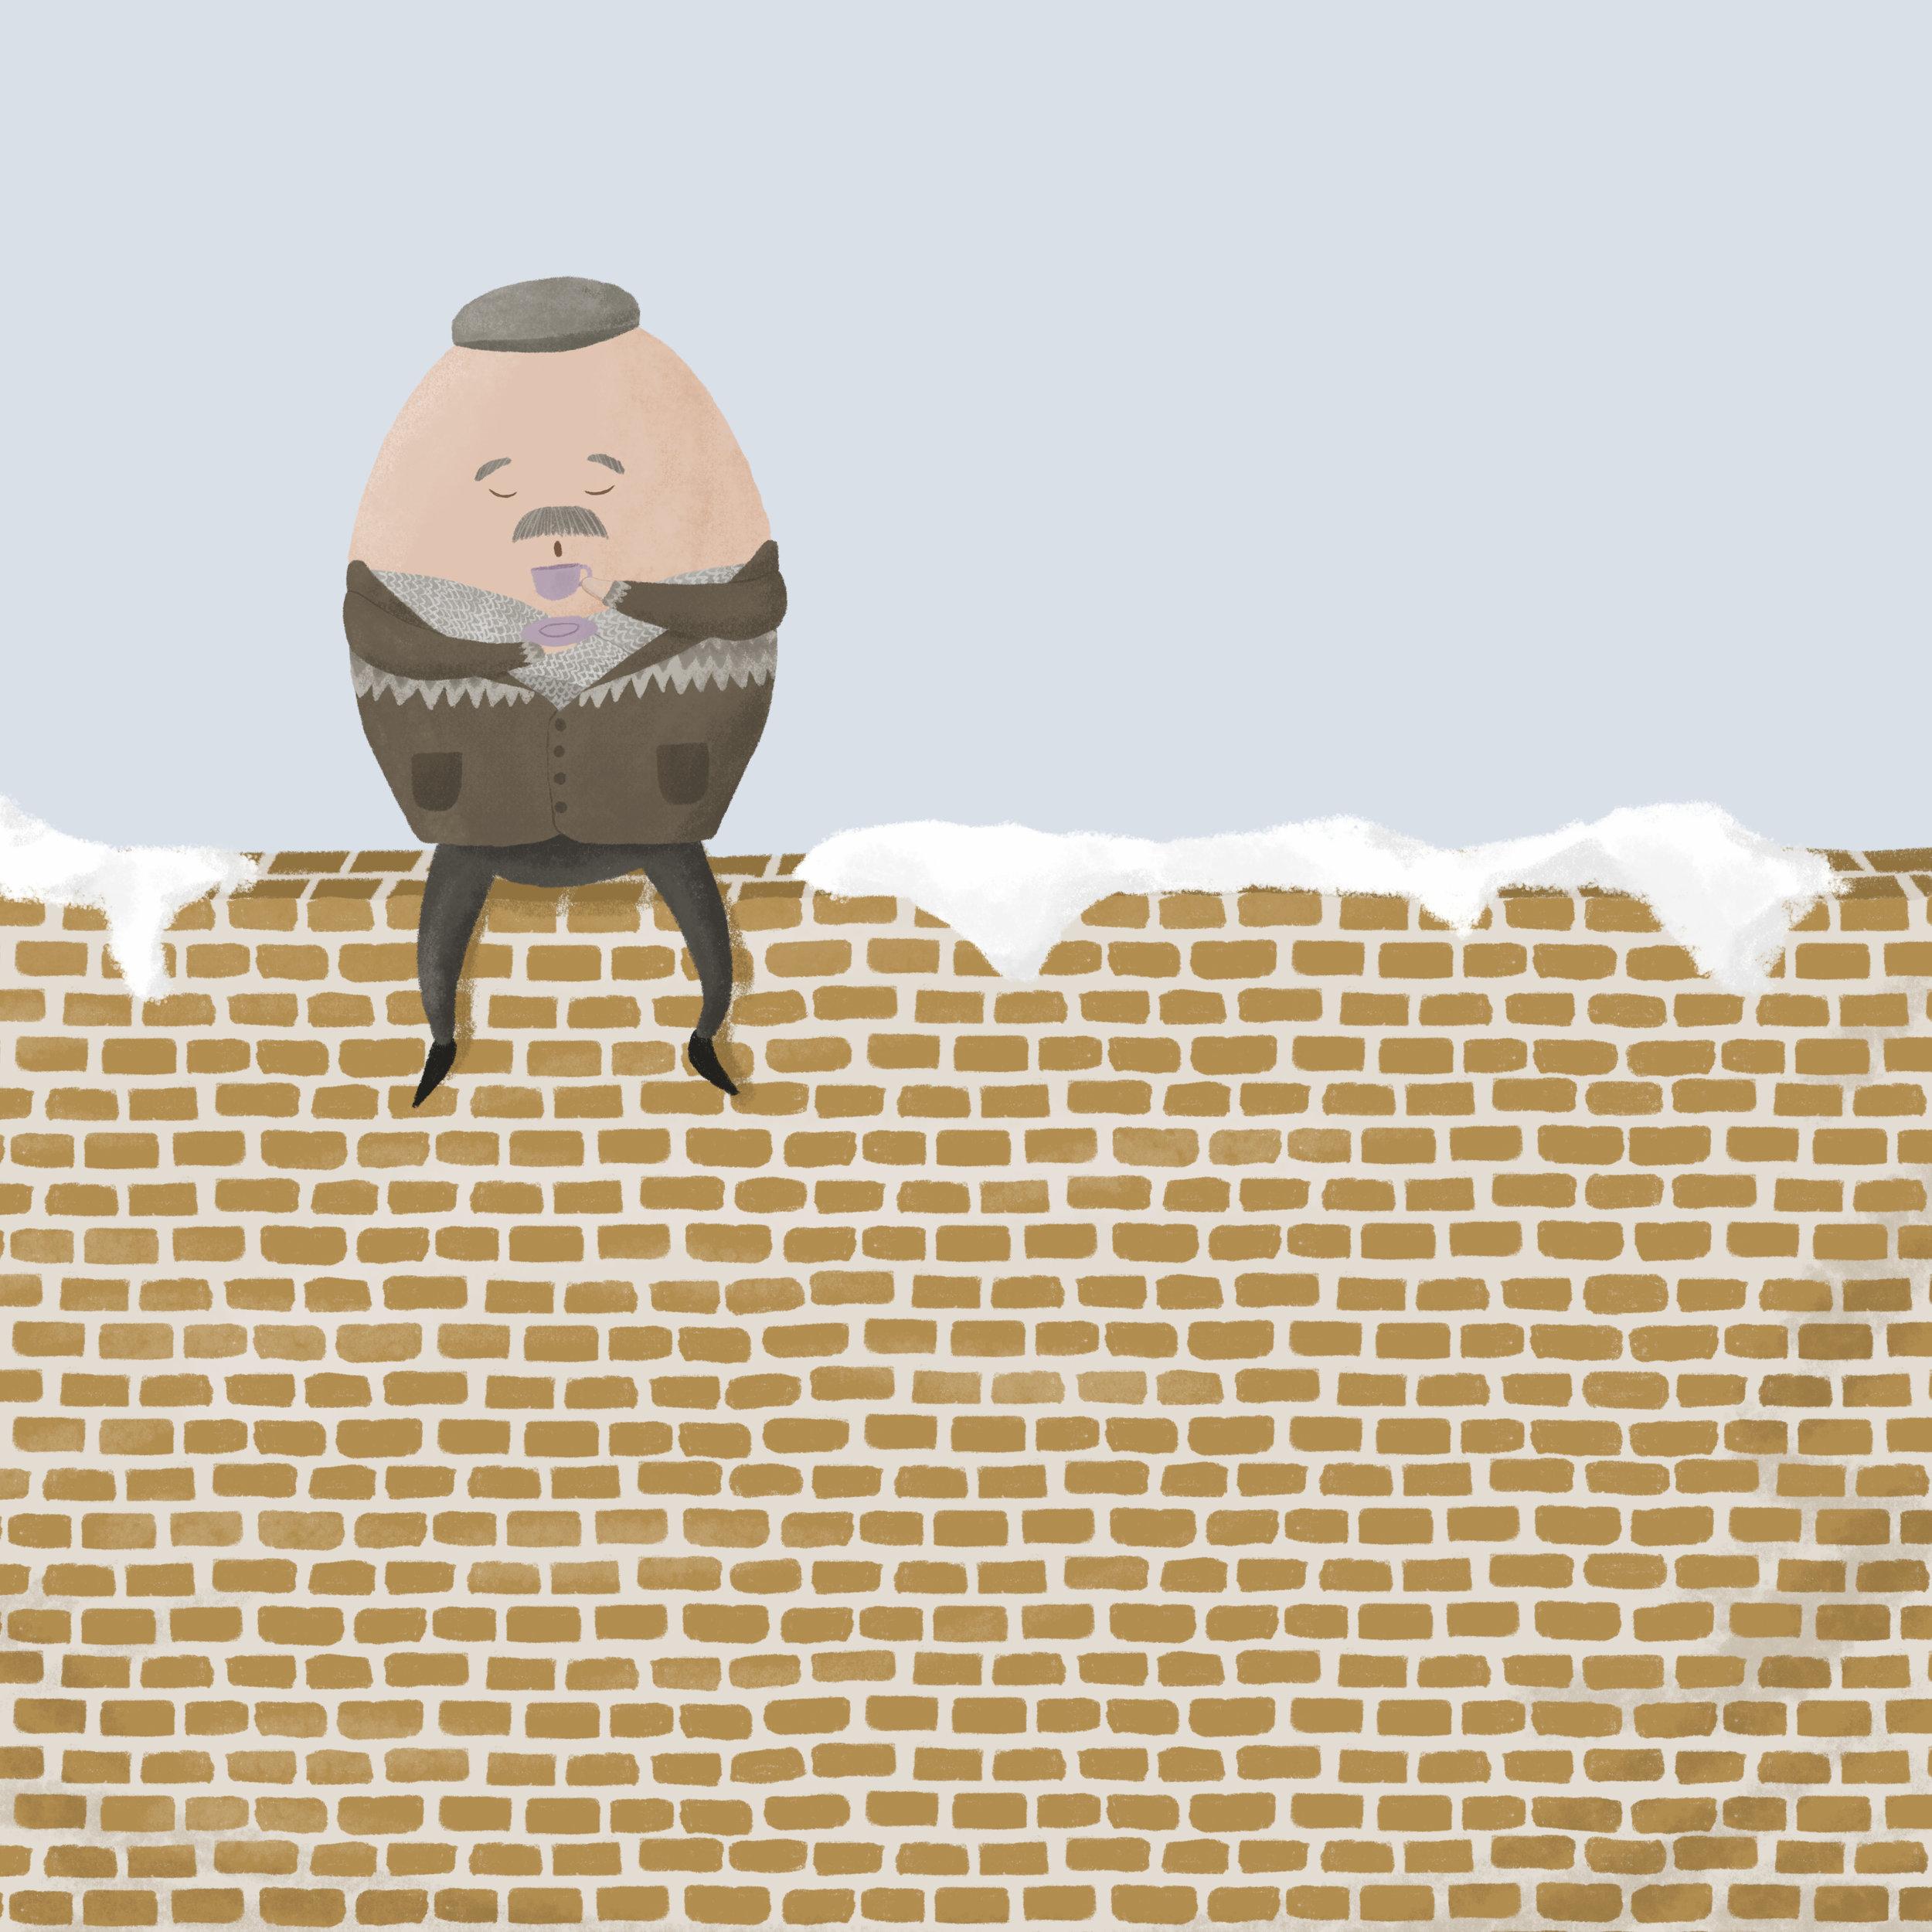 H is for Humpty Dumpty 2.jpg